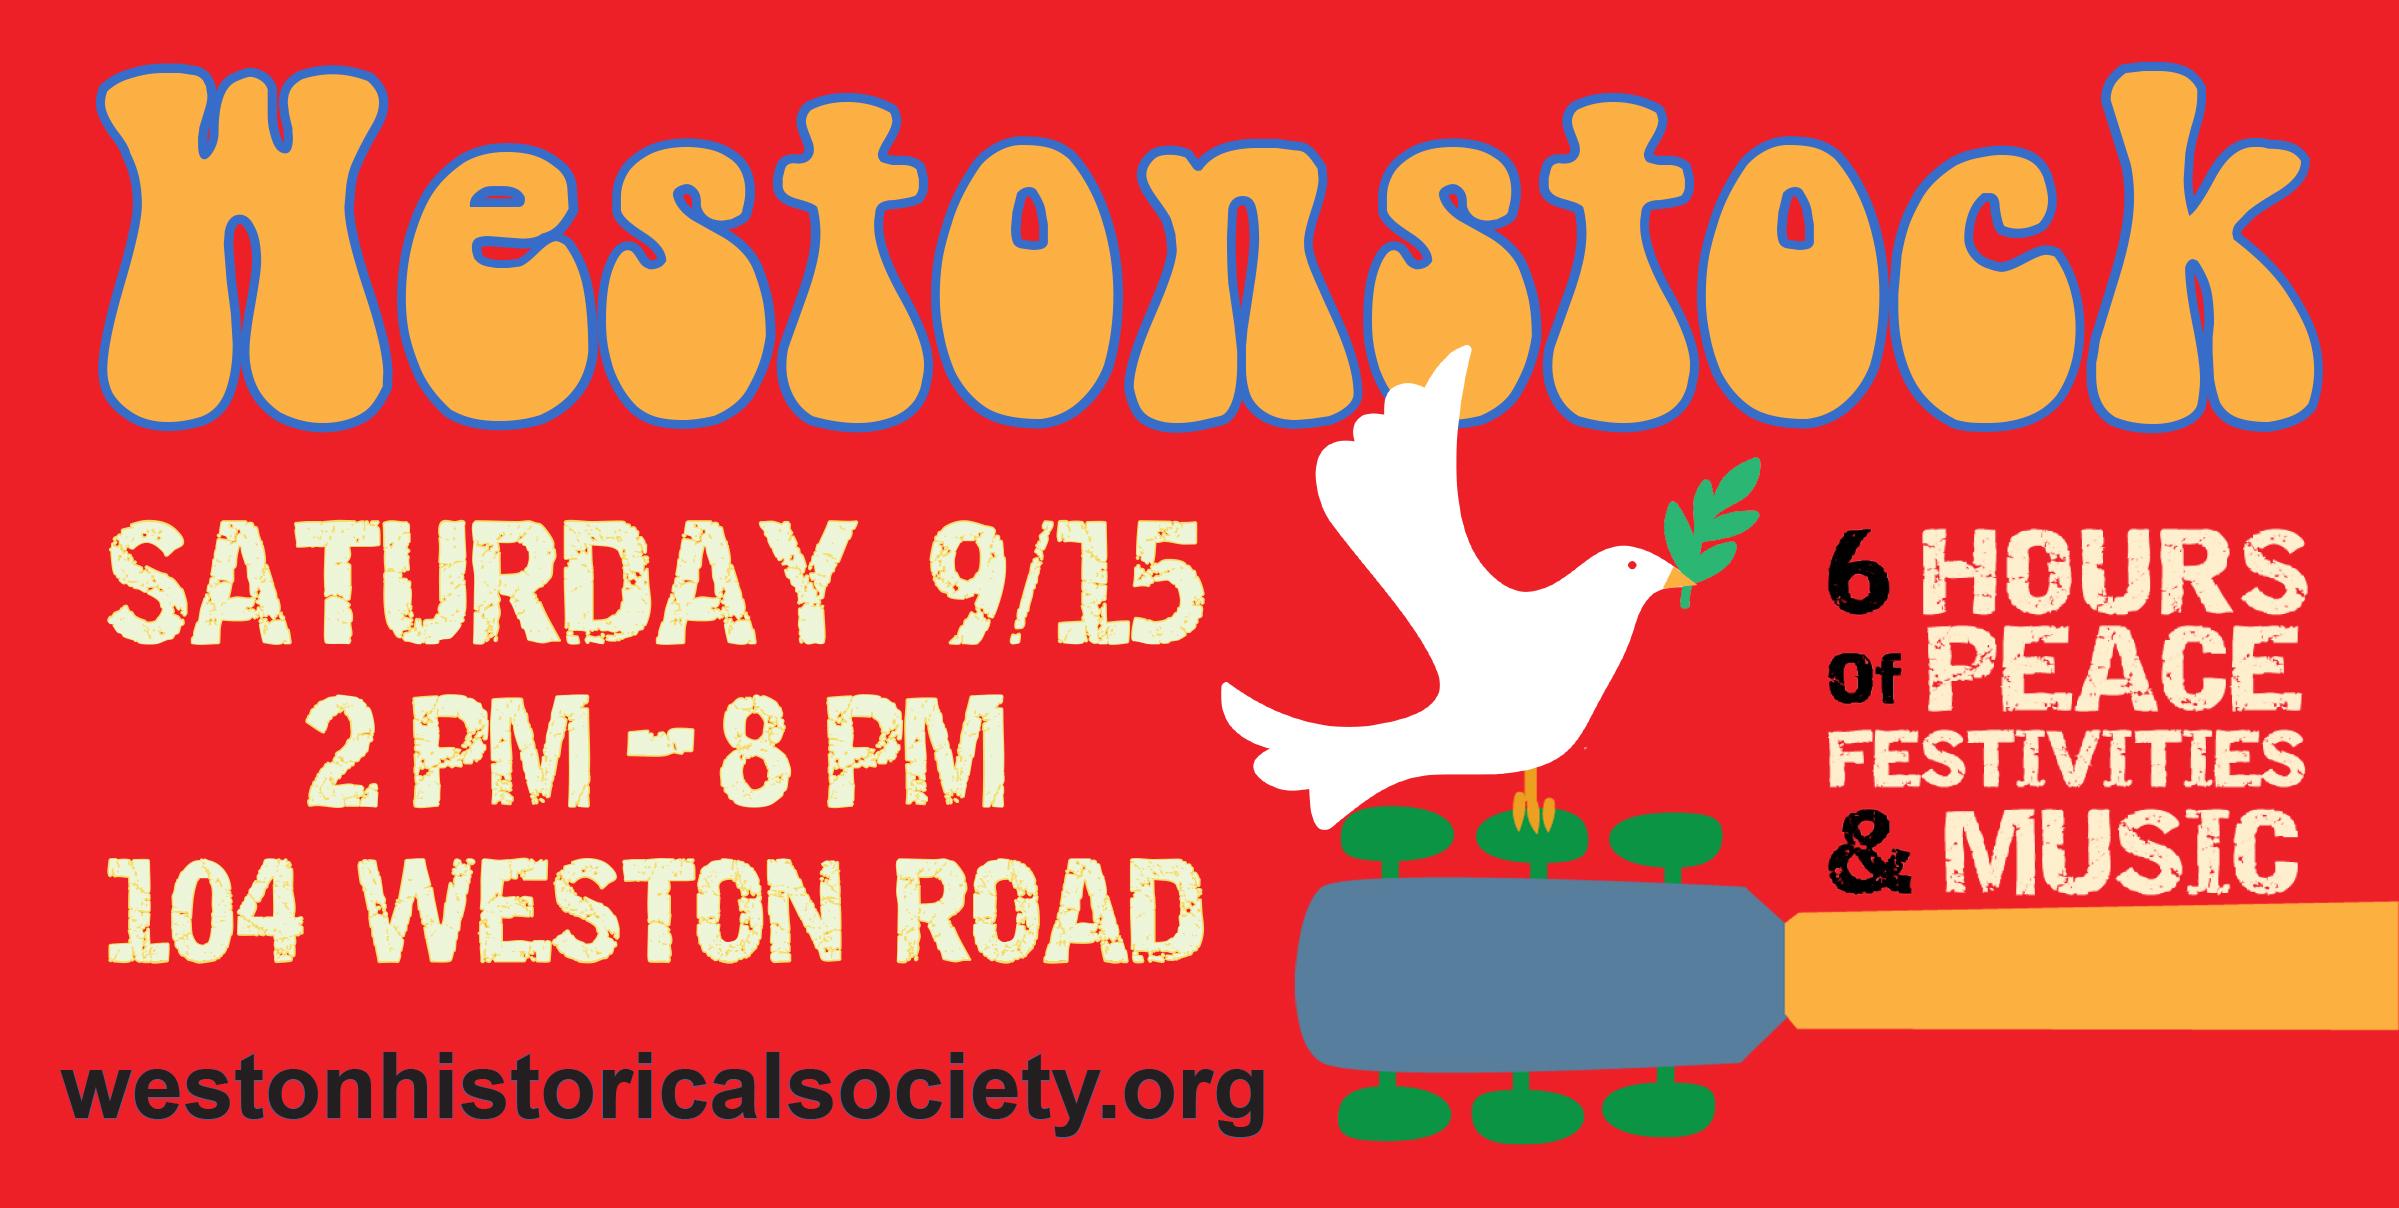 westonstock-banner-v05.jpg